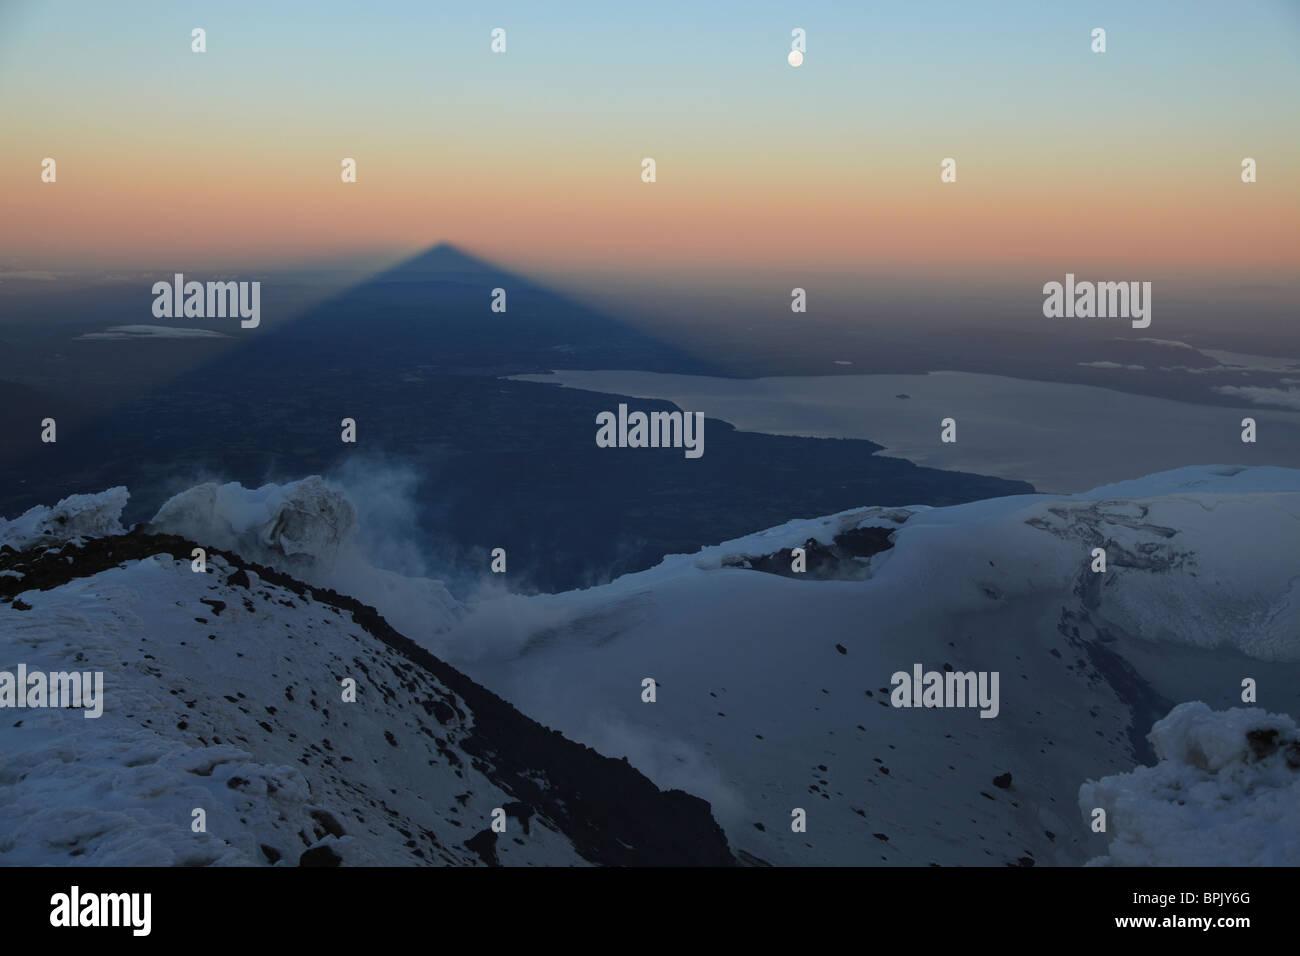 3 décembre 2009 - Villarrica, vue du sommet de l'ombre au lever du soleil, la région d'Araucania, Photo Stock